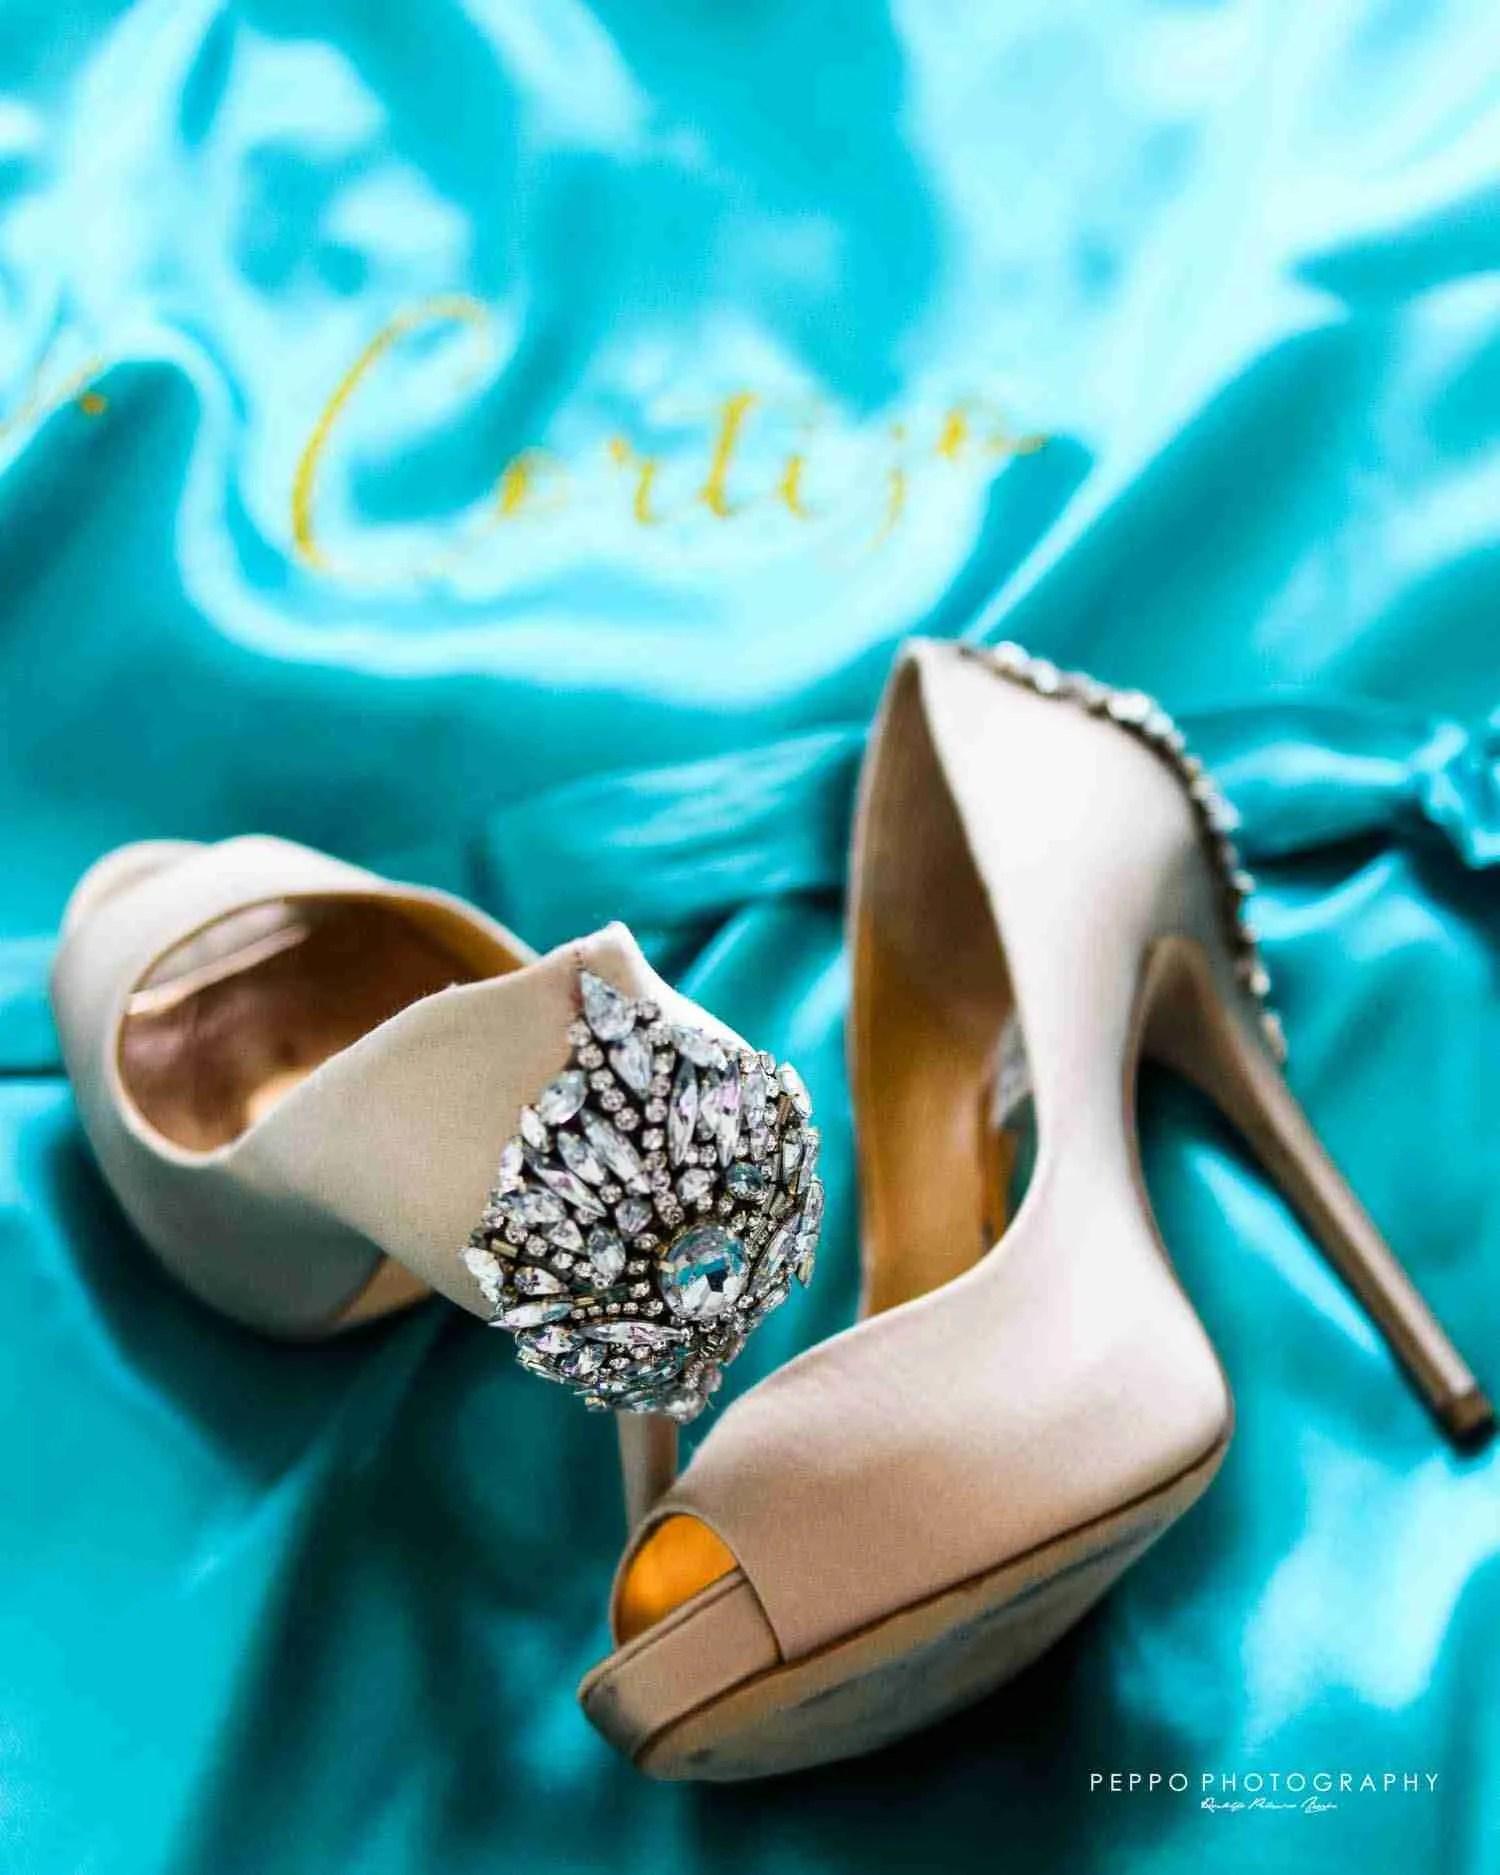 Detalles del los Zapatos de Johanna